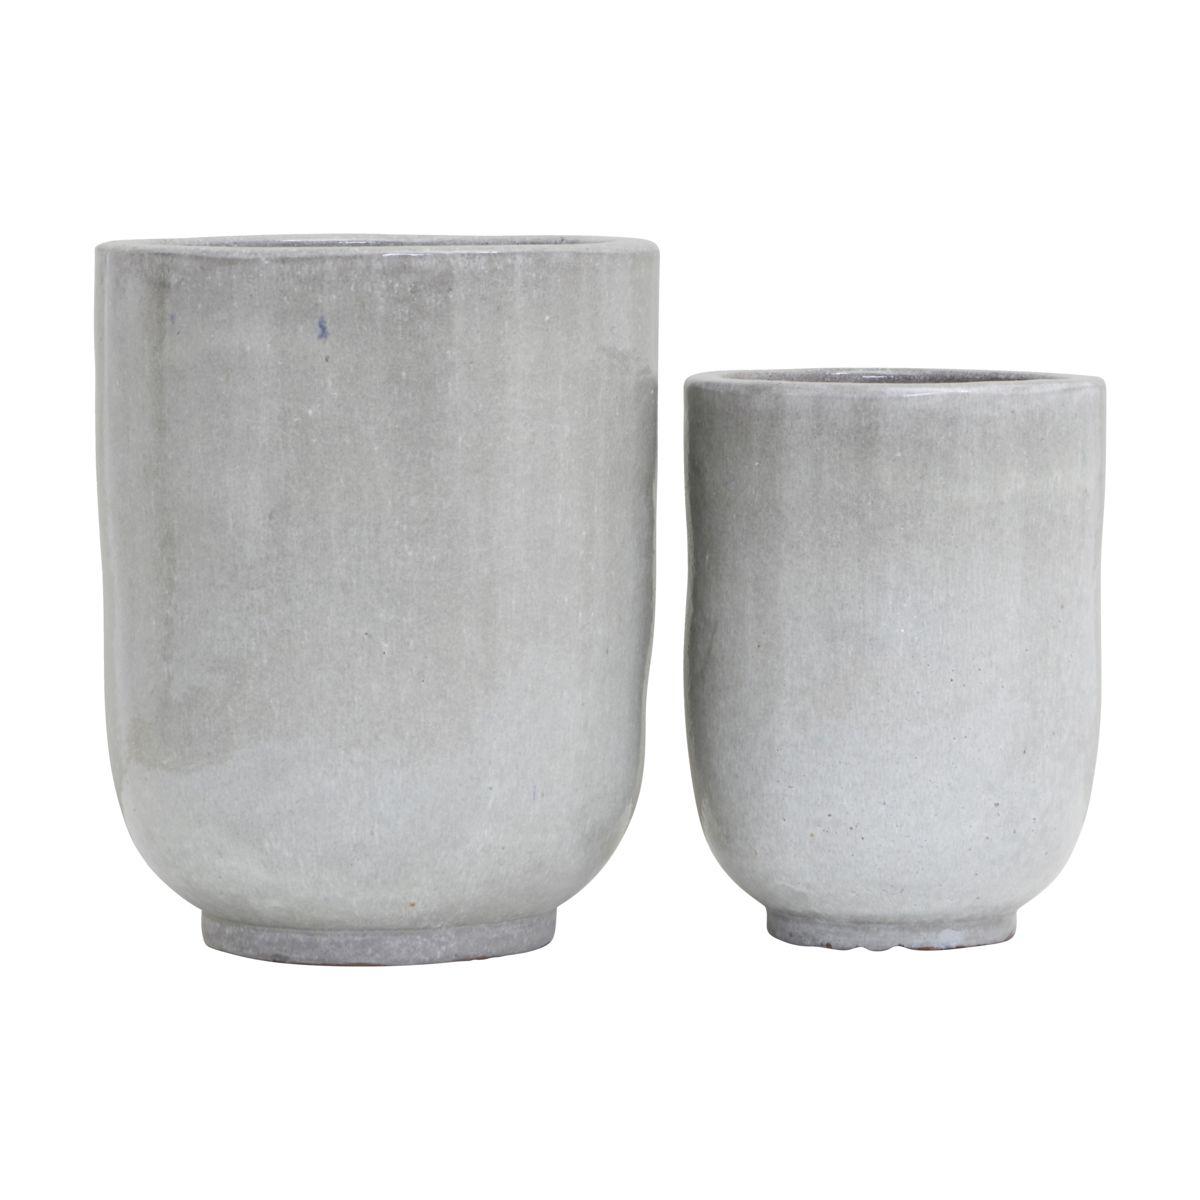 House doctor pho potte - gråt keramik m. glasur (sæt m. 2) (ø 35/45) fra house doctor fra boboonline.dk